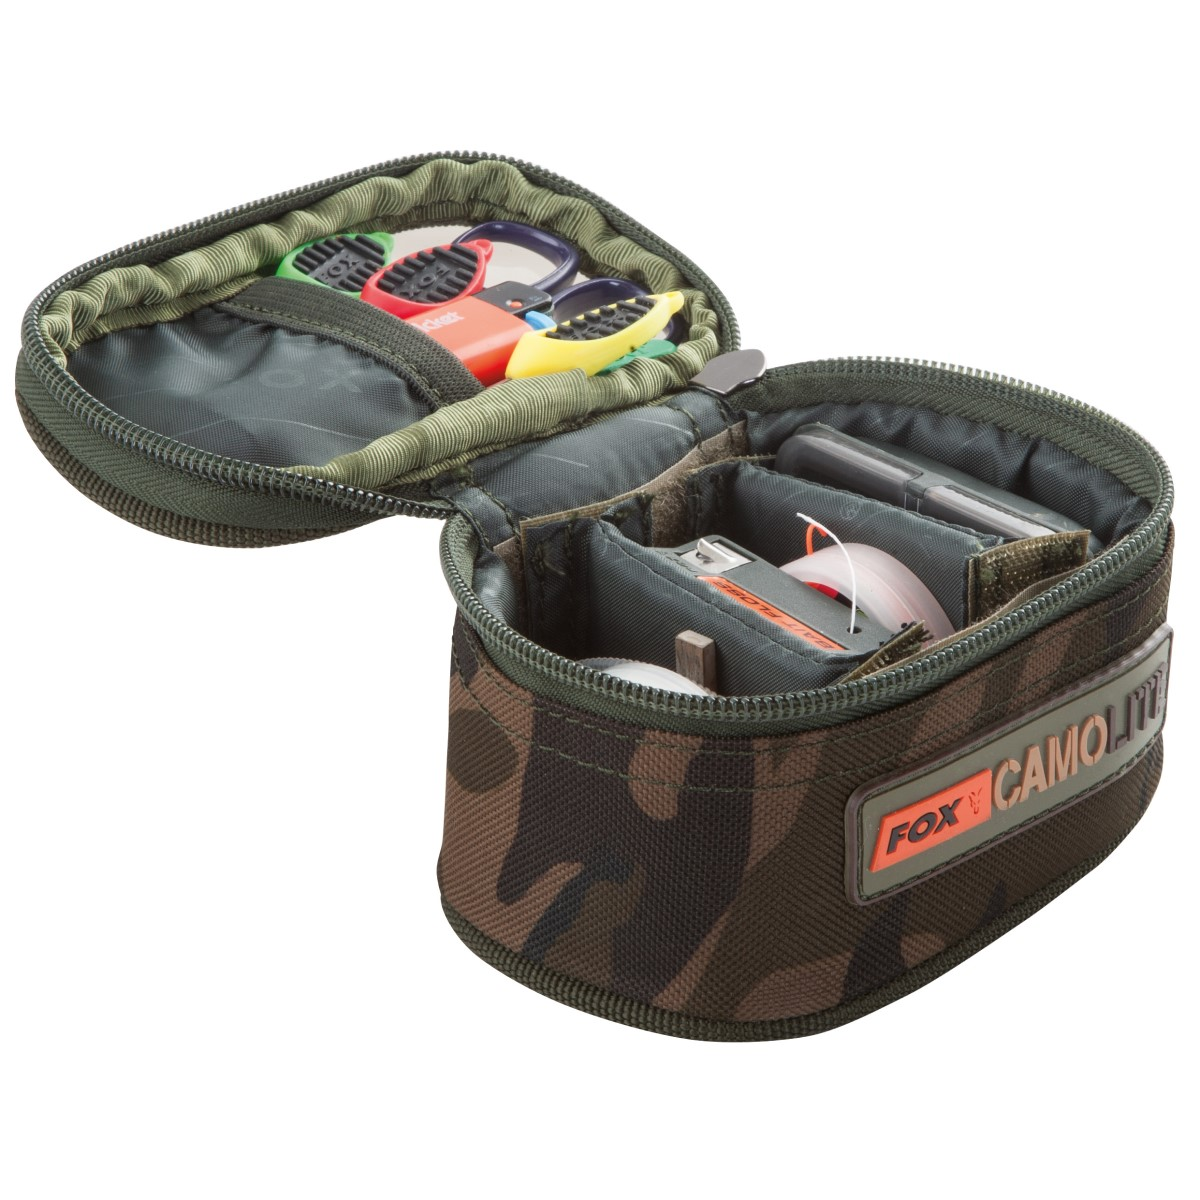 Чанта за риболовни аксесоари Fox Camolite Mini Accessory Pouch